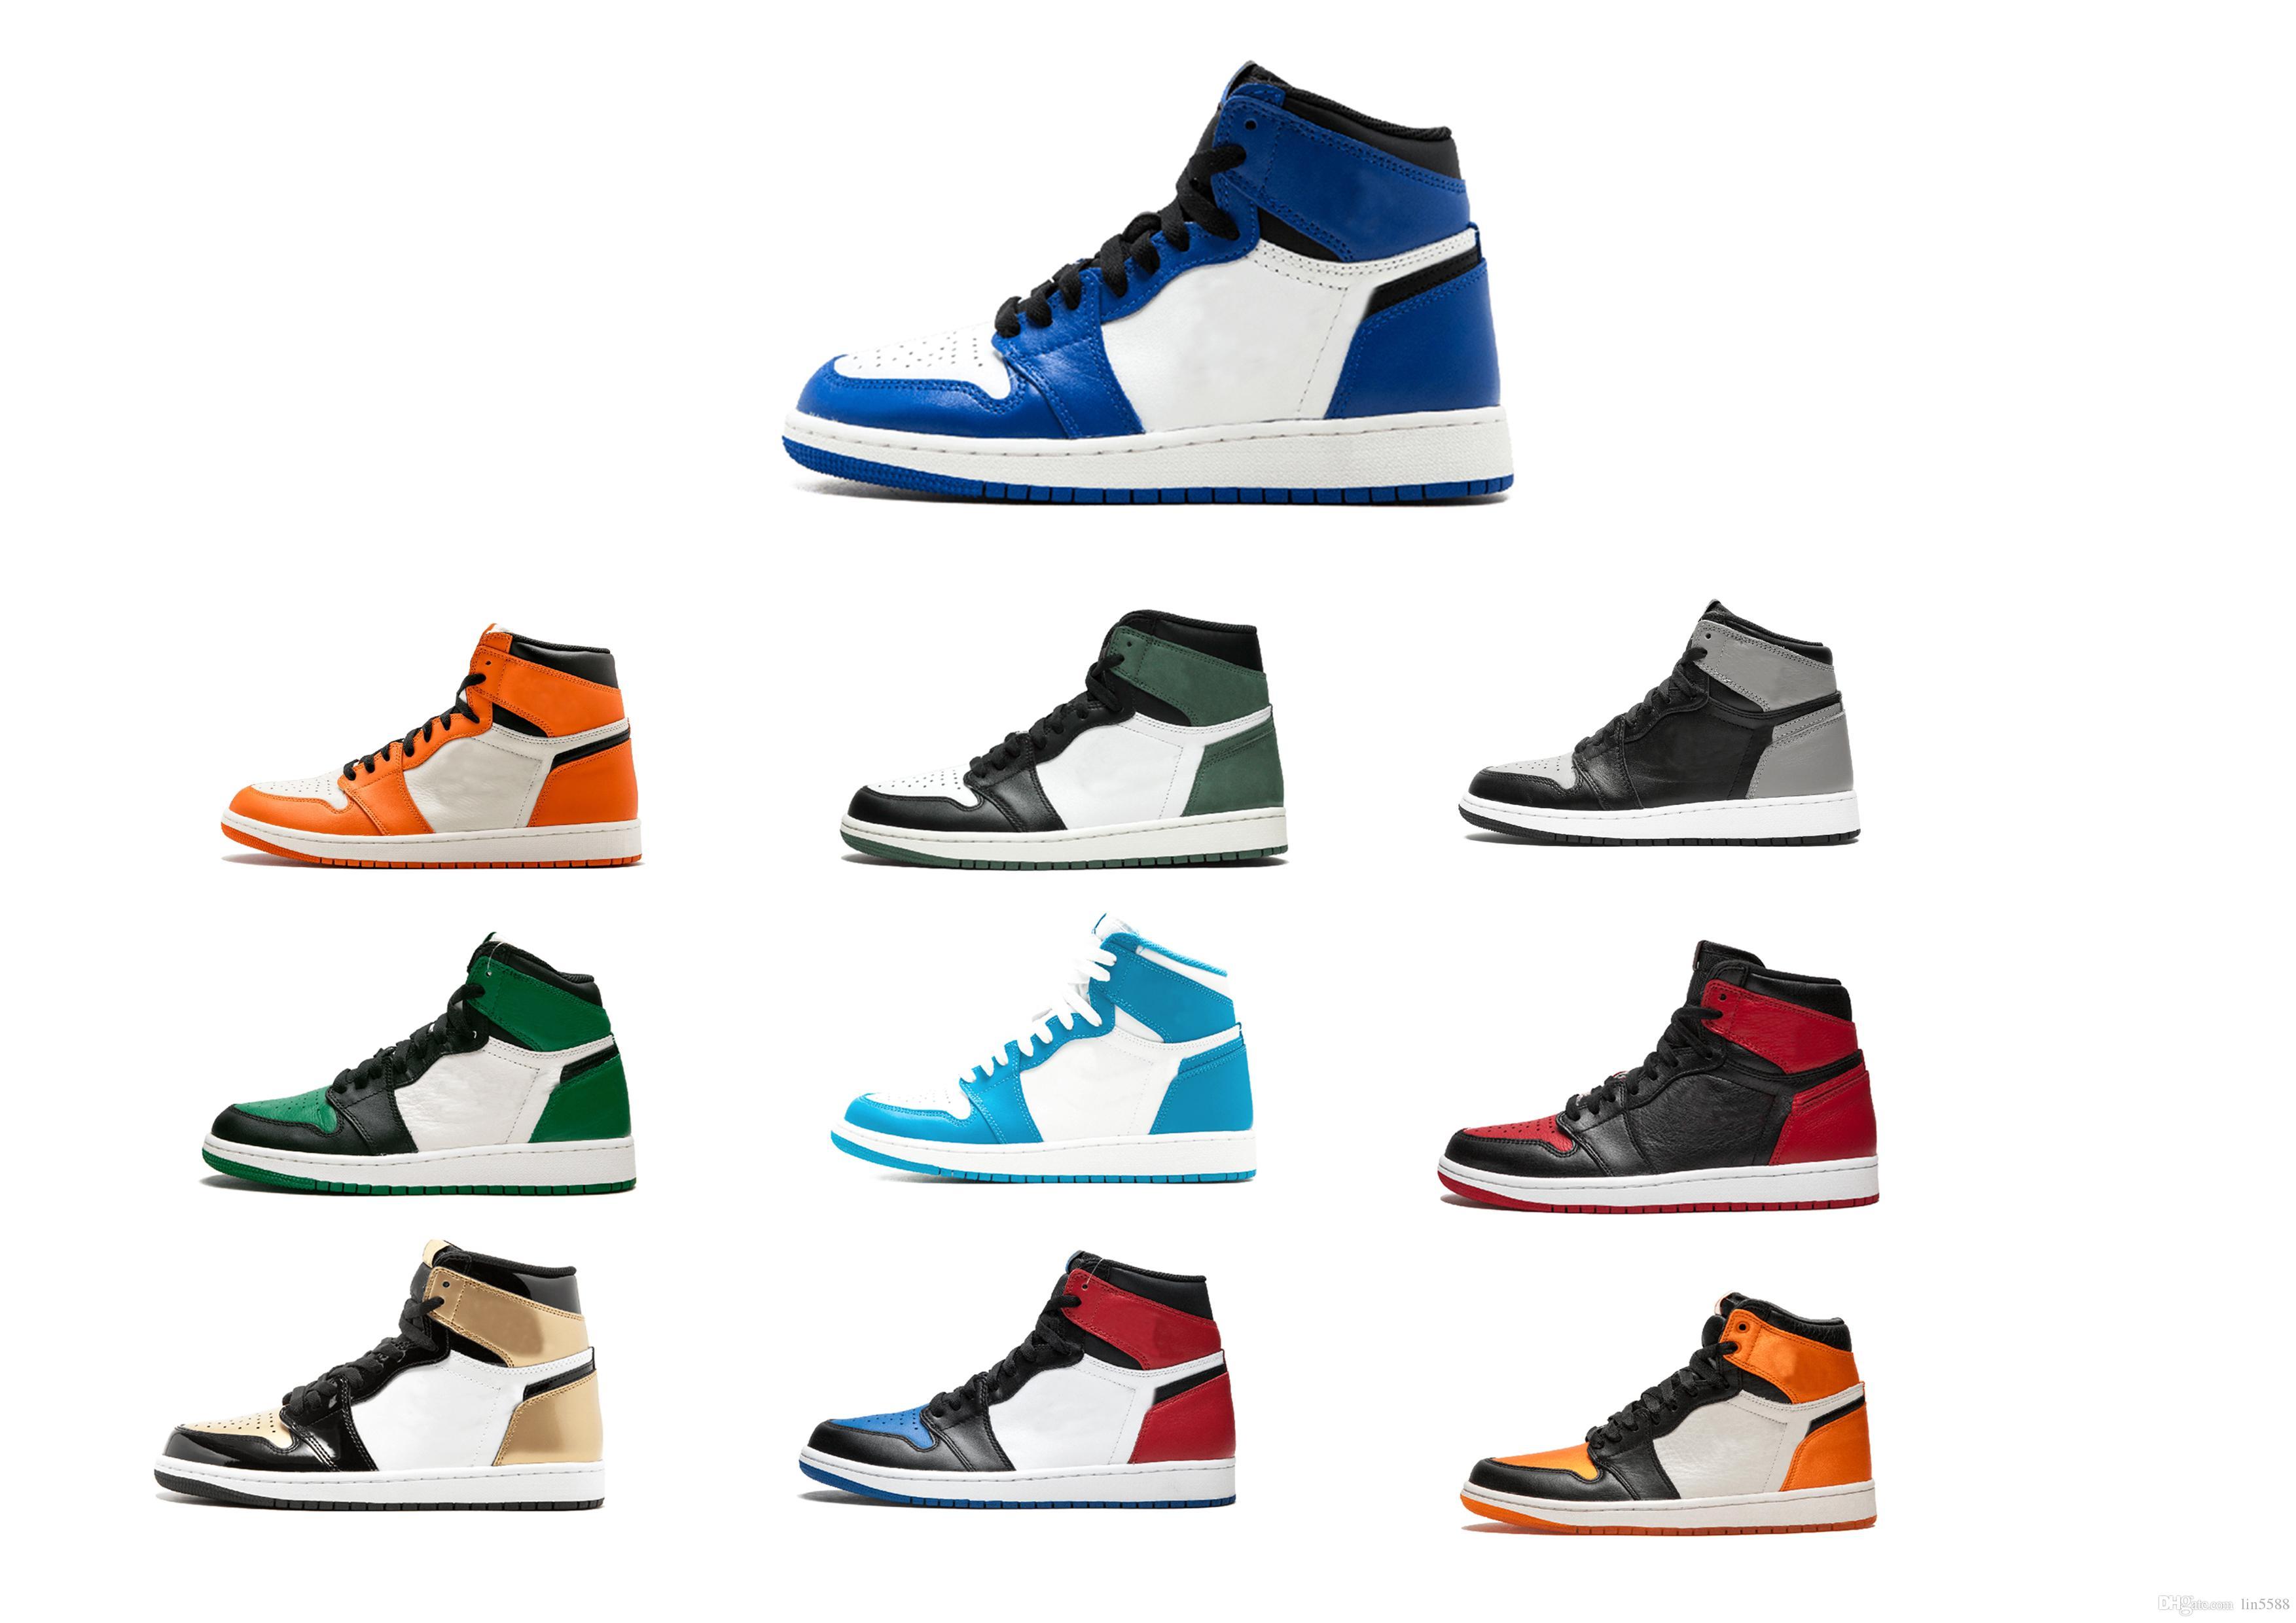 Acheter 2019 NIKE Nouveau Jumpman 1 Basketball Chaussures 1S Athlétisme Baskets Chaussure De Course Pour Femmes Sports Torche Lièvre Jeu Royal Pine